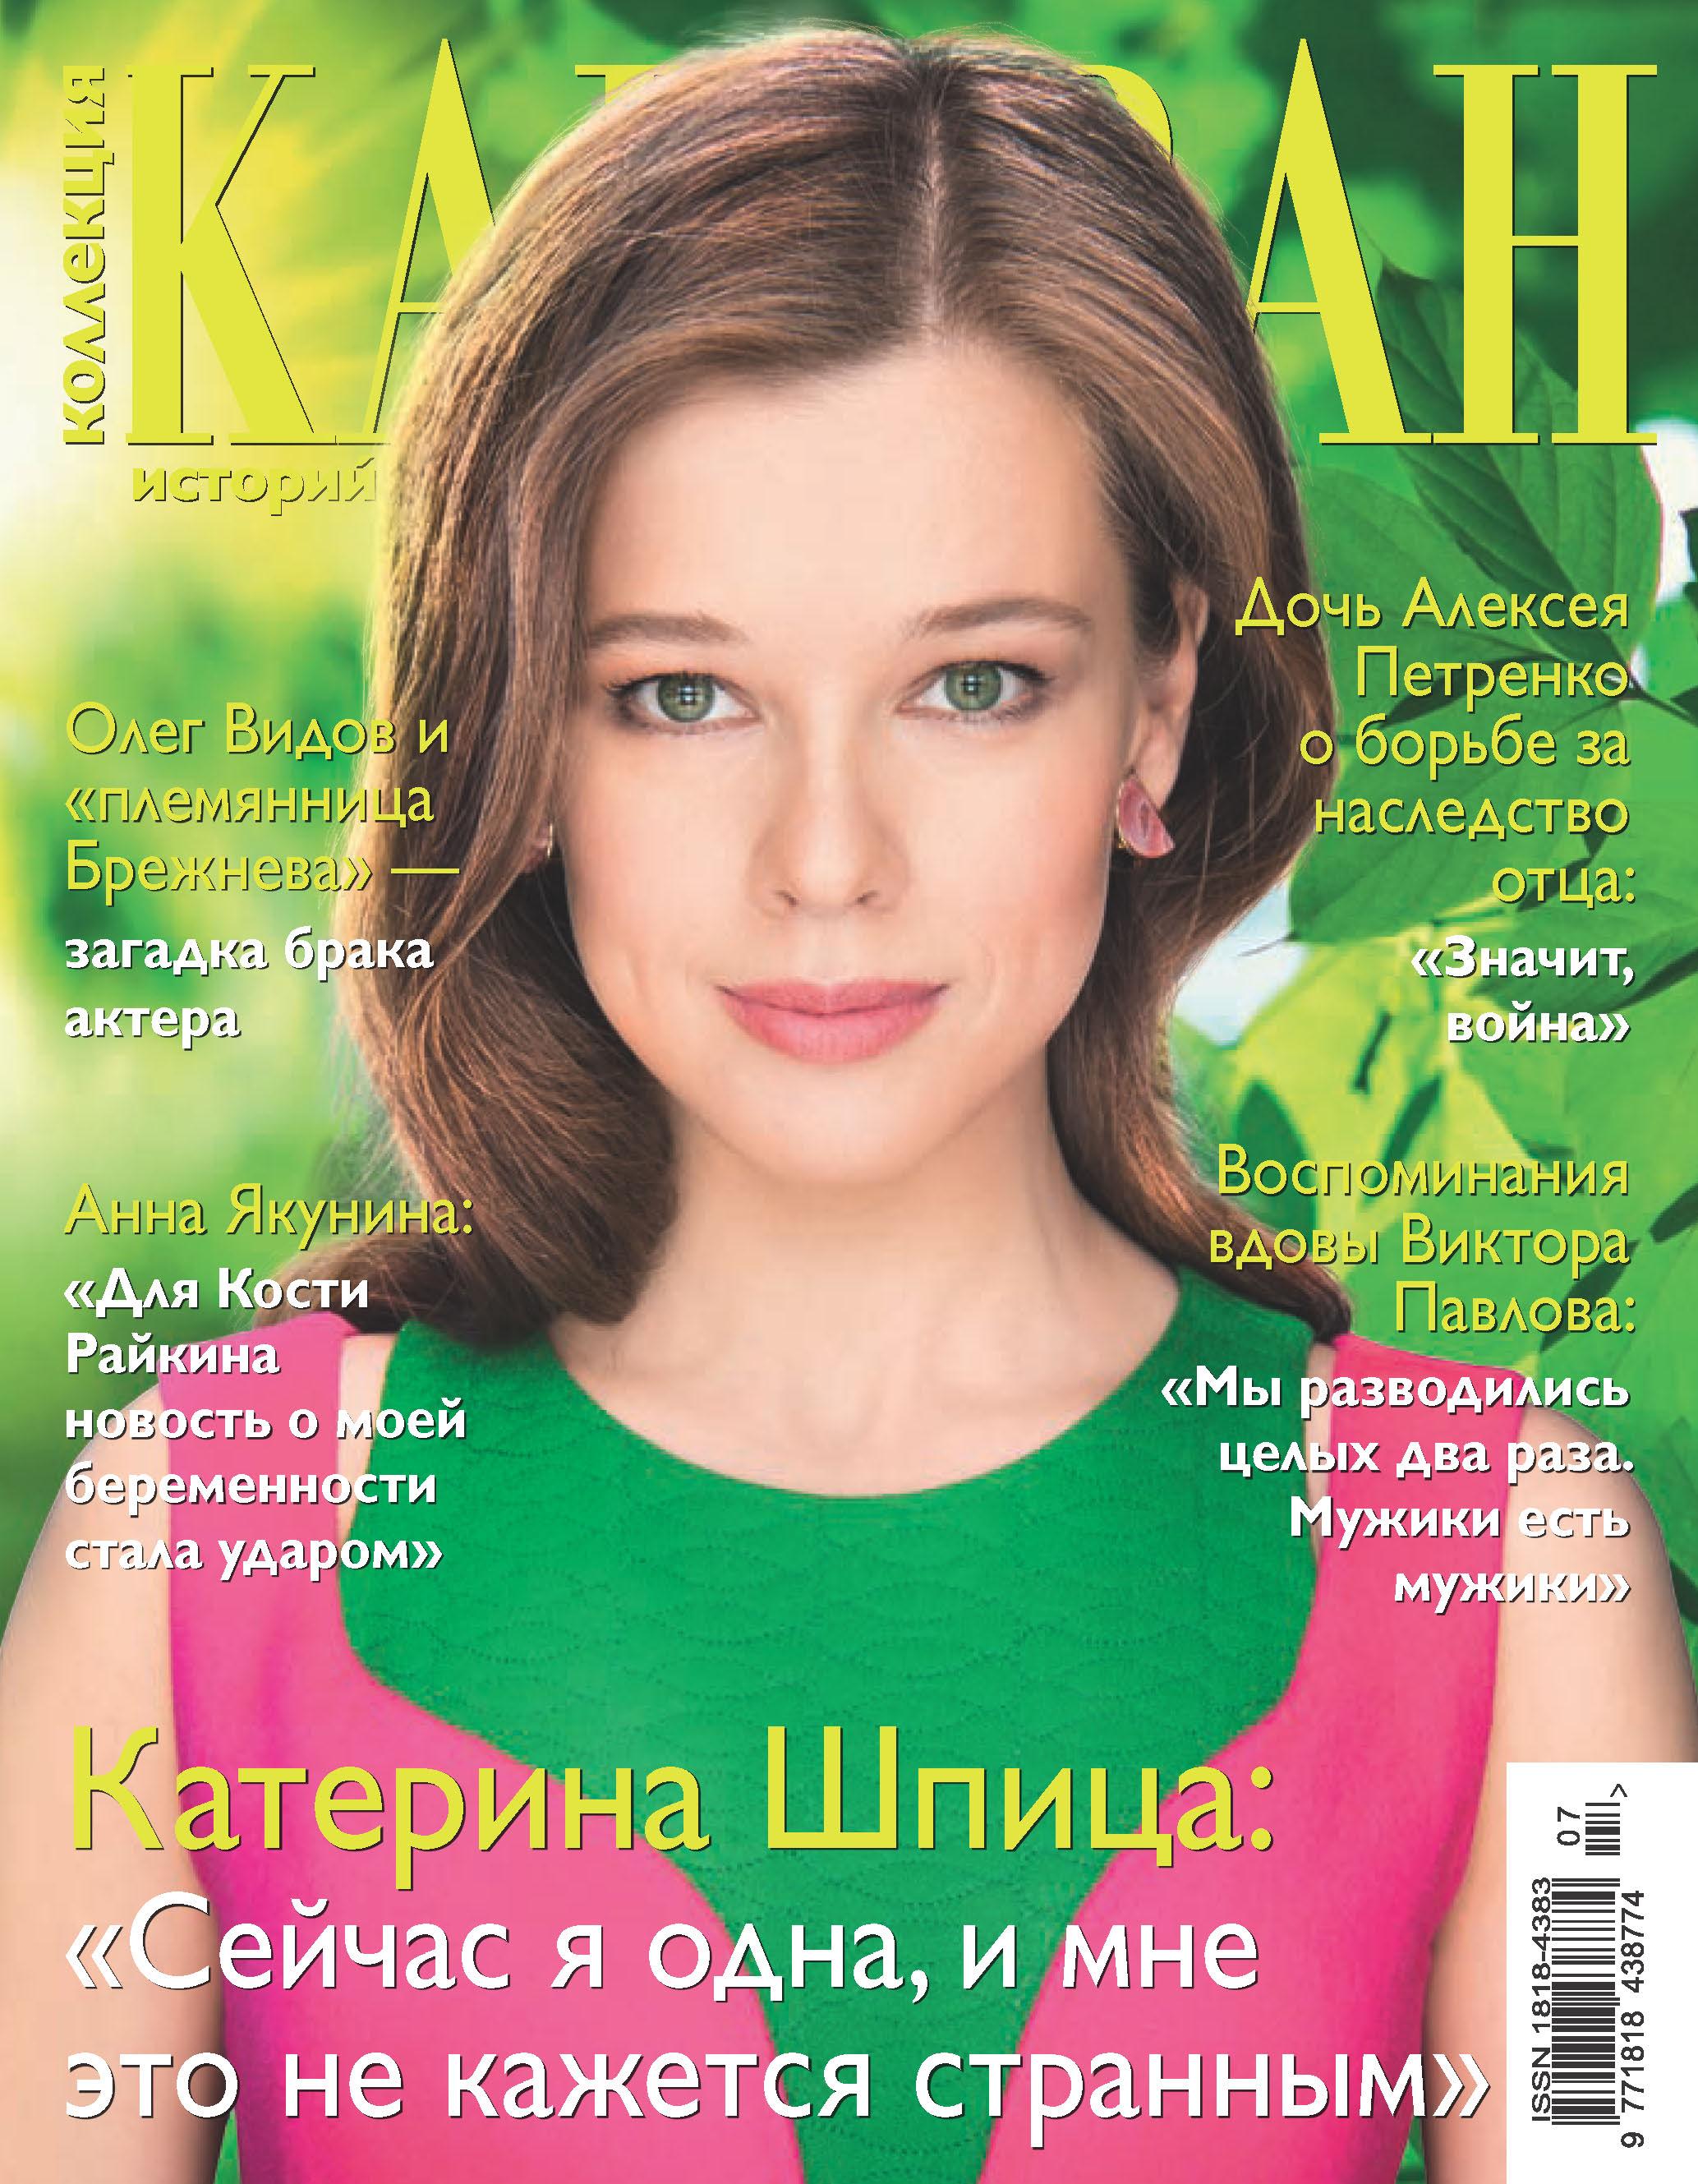 Отсутствует Коллекция Караван историй №07/2017